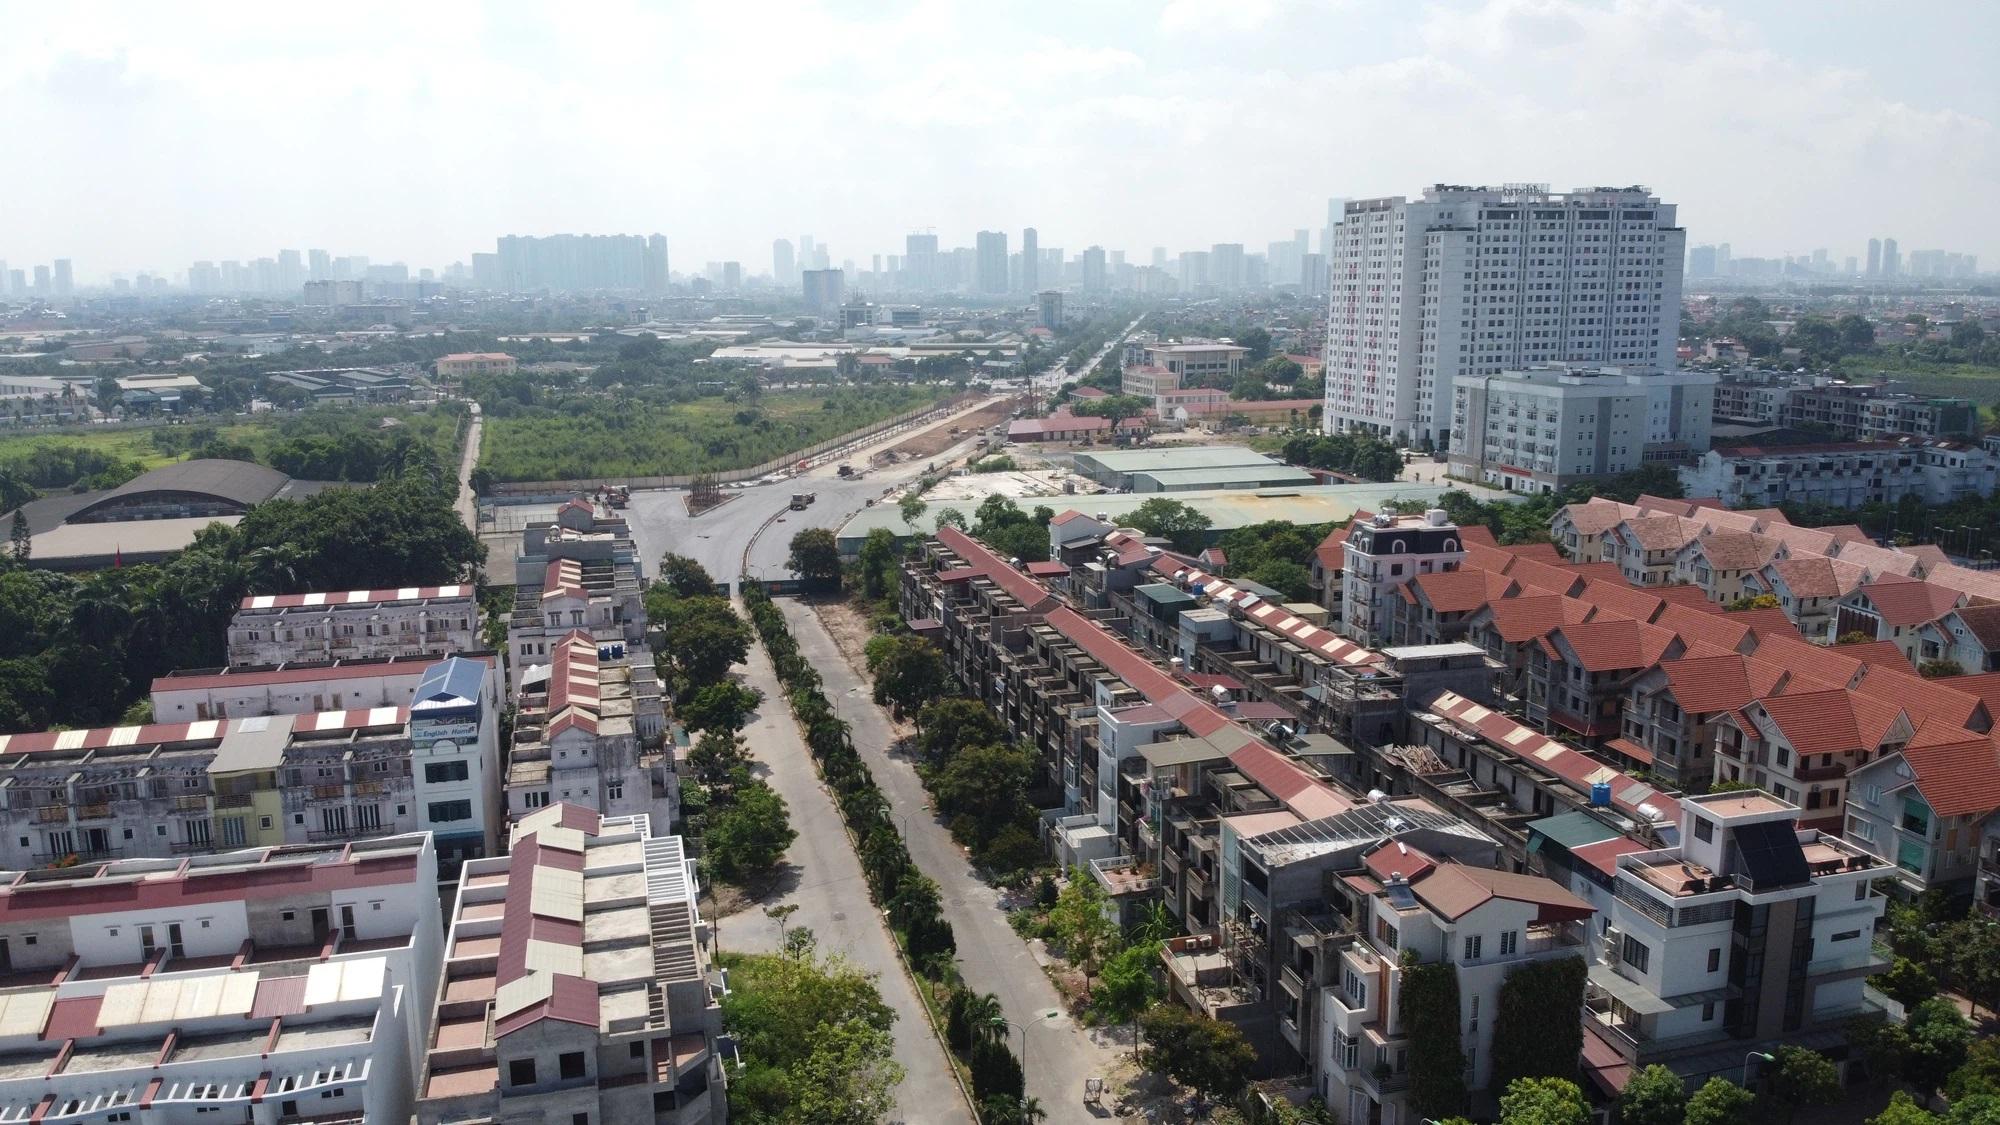 5 huyện sắp lên quận ở Hà Nội hiện đang phát triển ra sao? - Ảnh 2.